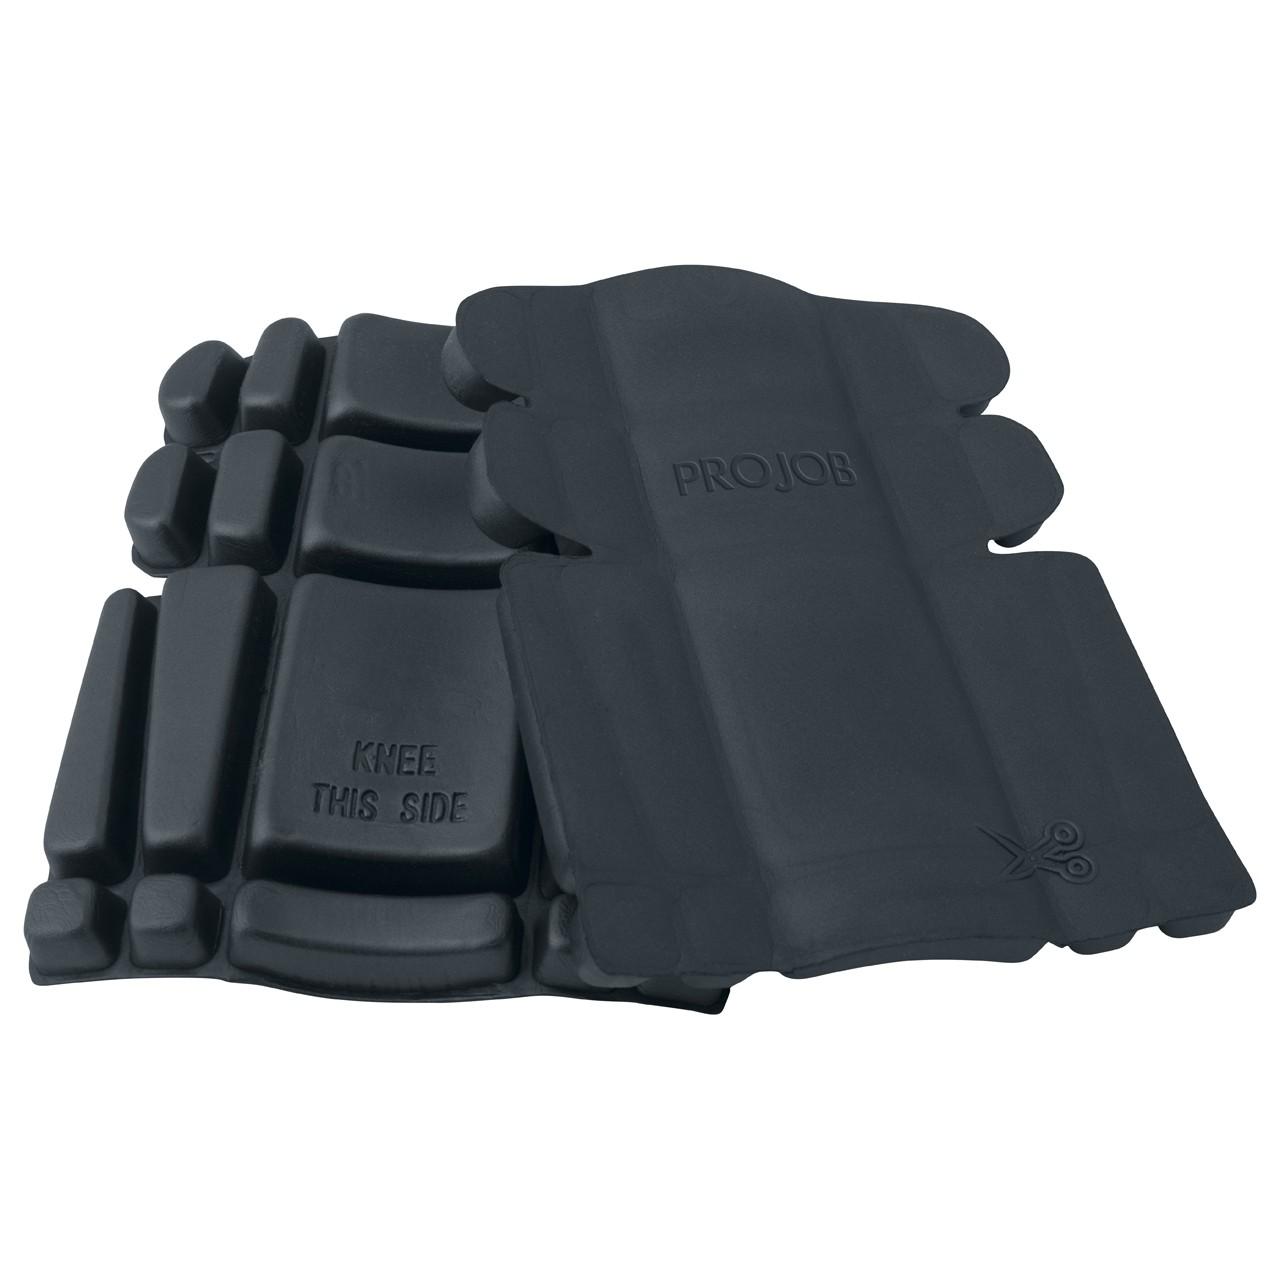 Knie Protektor Projob® | bedrucken, besticken, bedrucken lassen, besticken lassen, mit Logo |